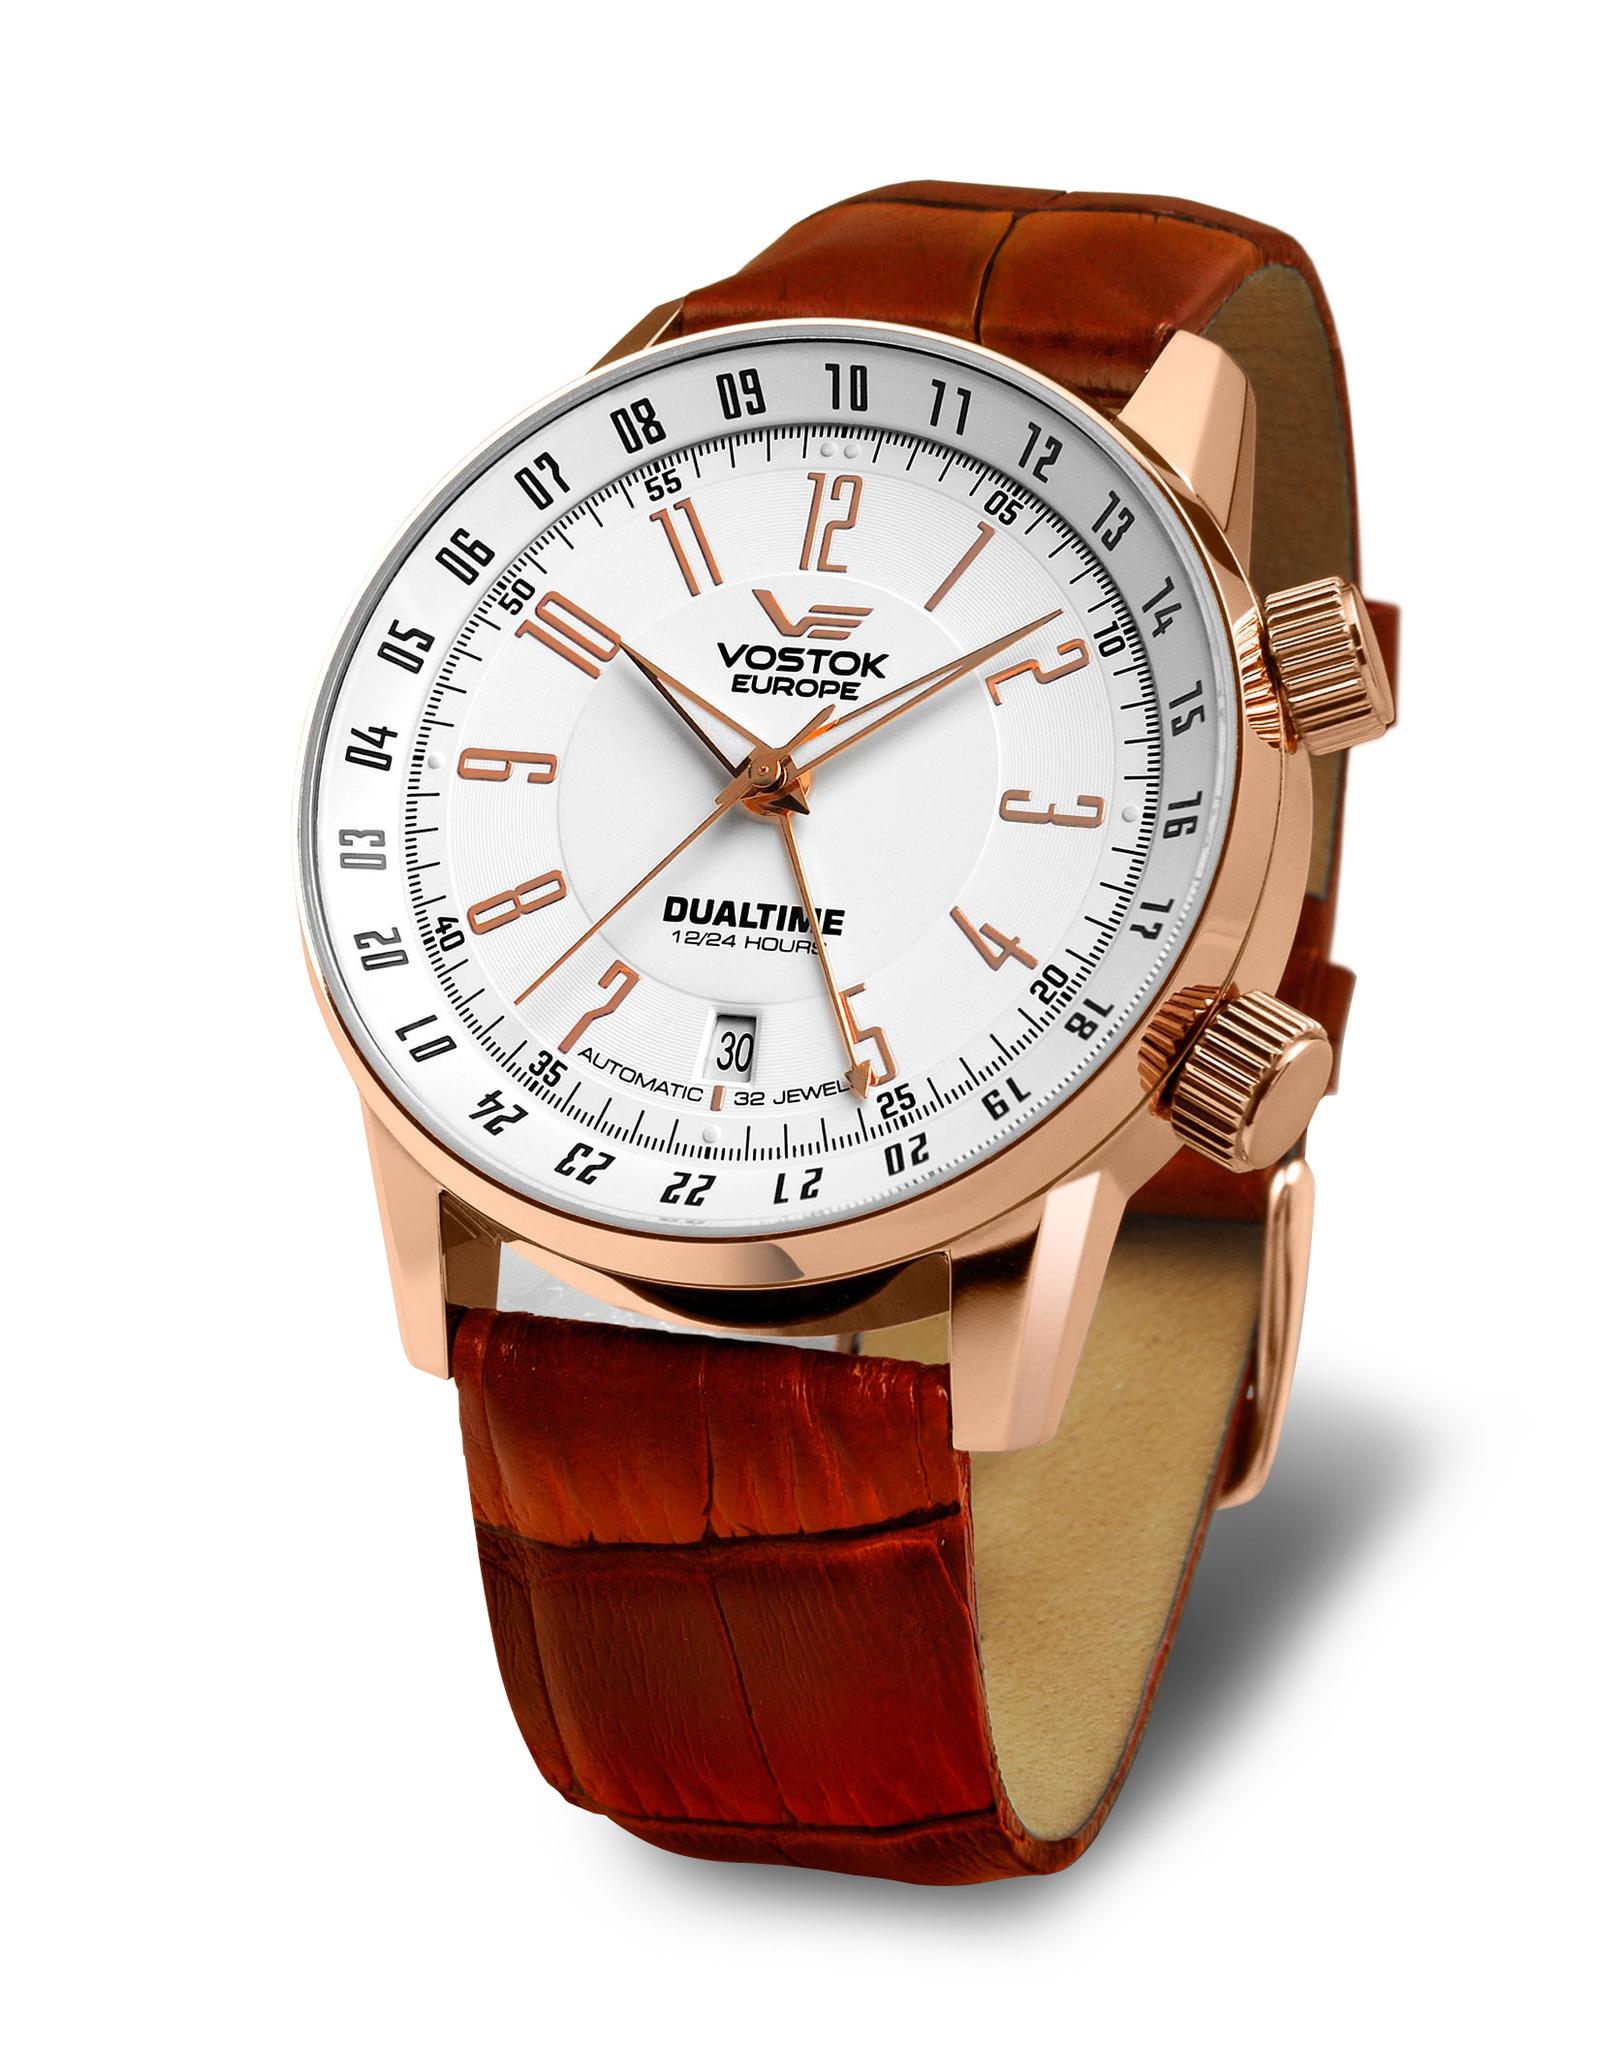 Наручные часы Восток: мужские и женские модели, Амфибия и Партнер, командирские и другие популярные аксессуары фирмы